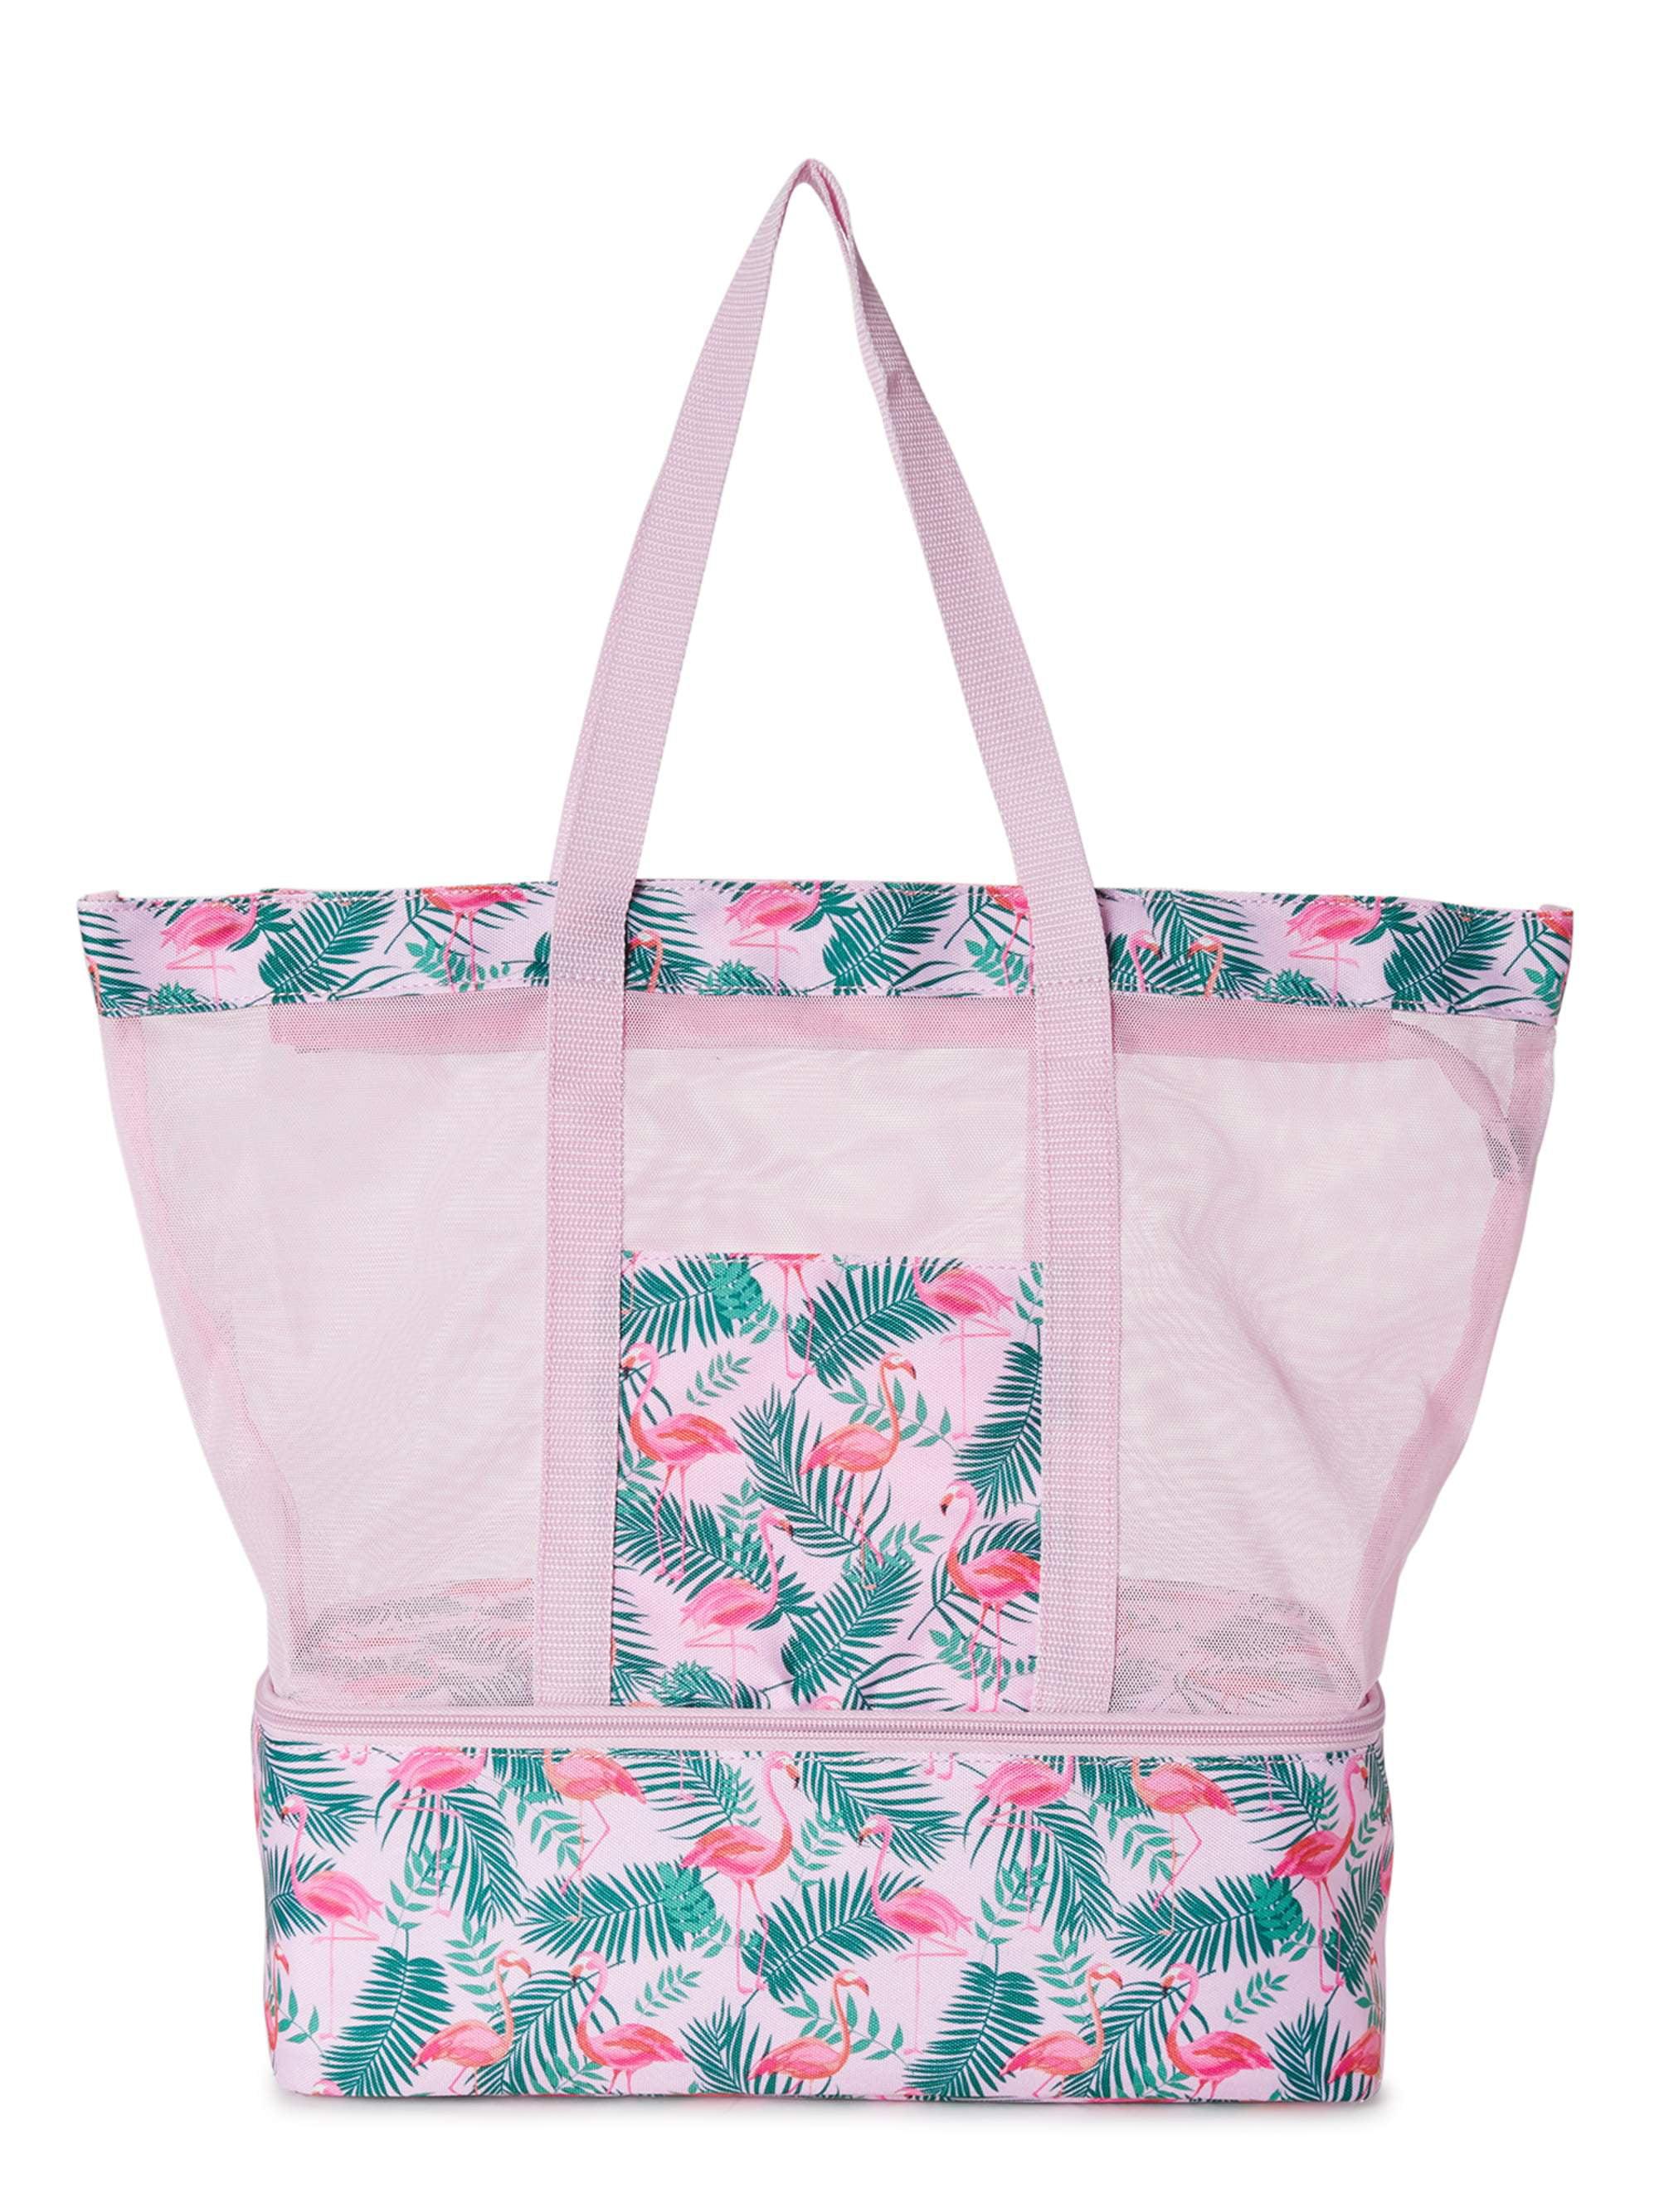 Mesh tote bag  White  Black  Market bag  Summer bag  Vintage Bag  Summer Mesh Bag